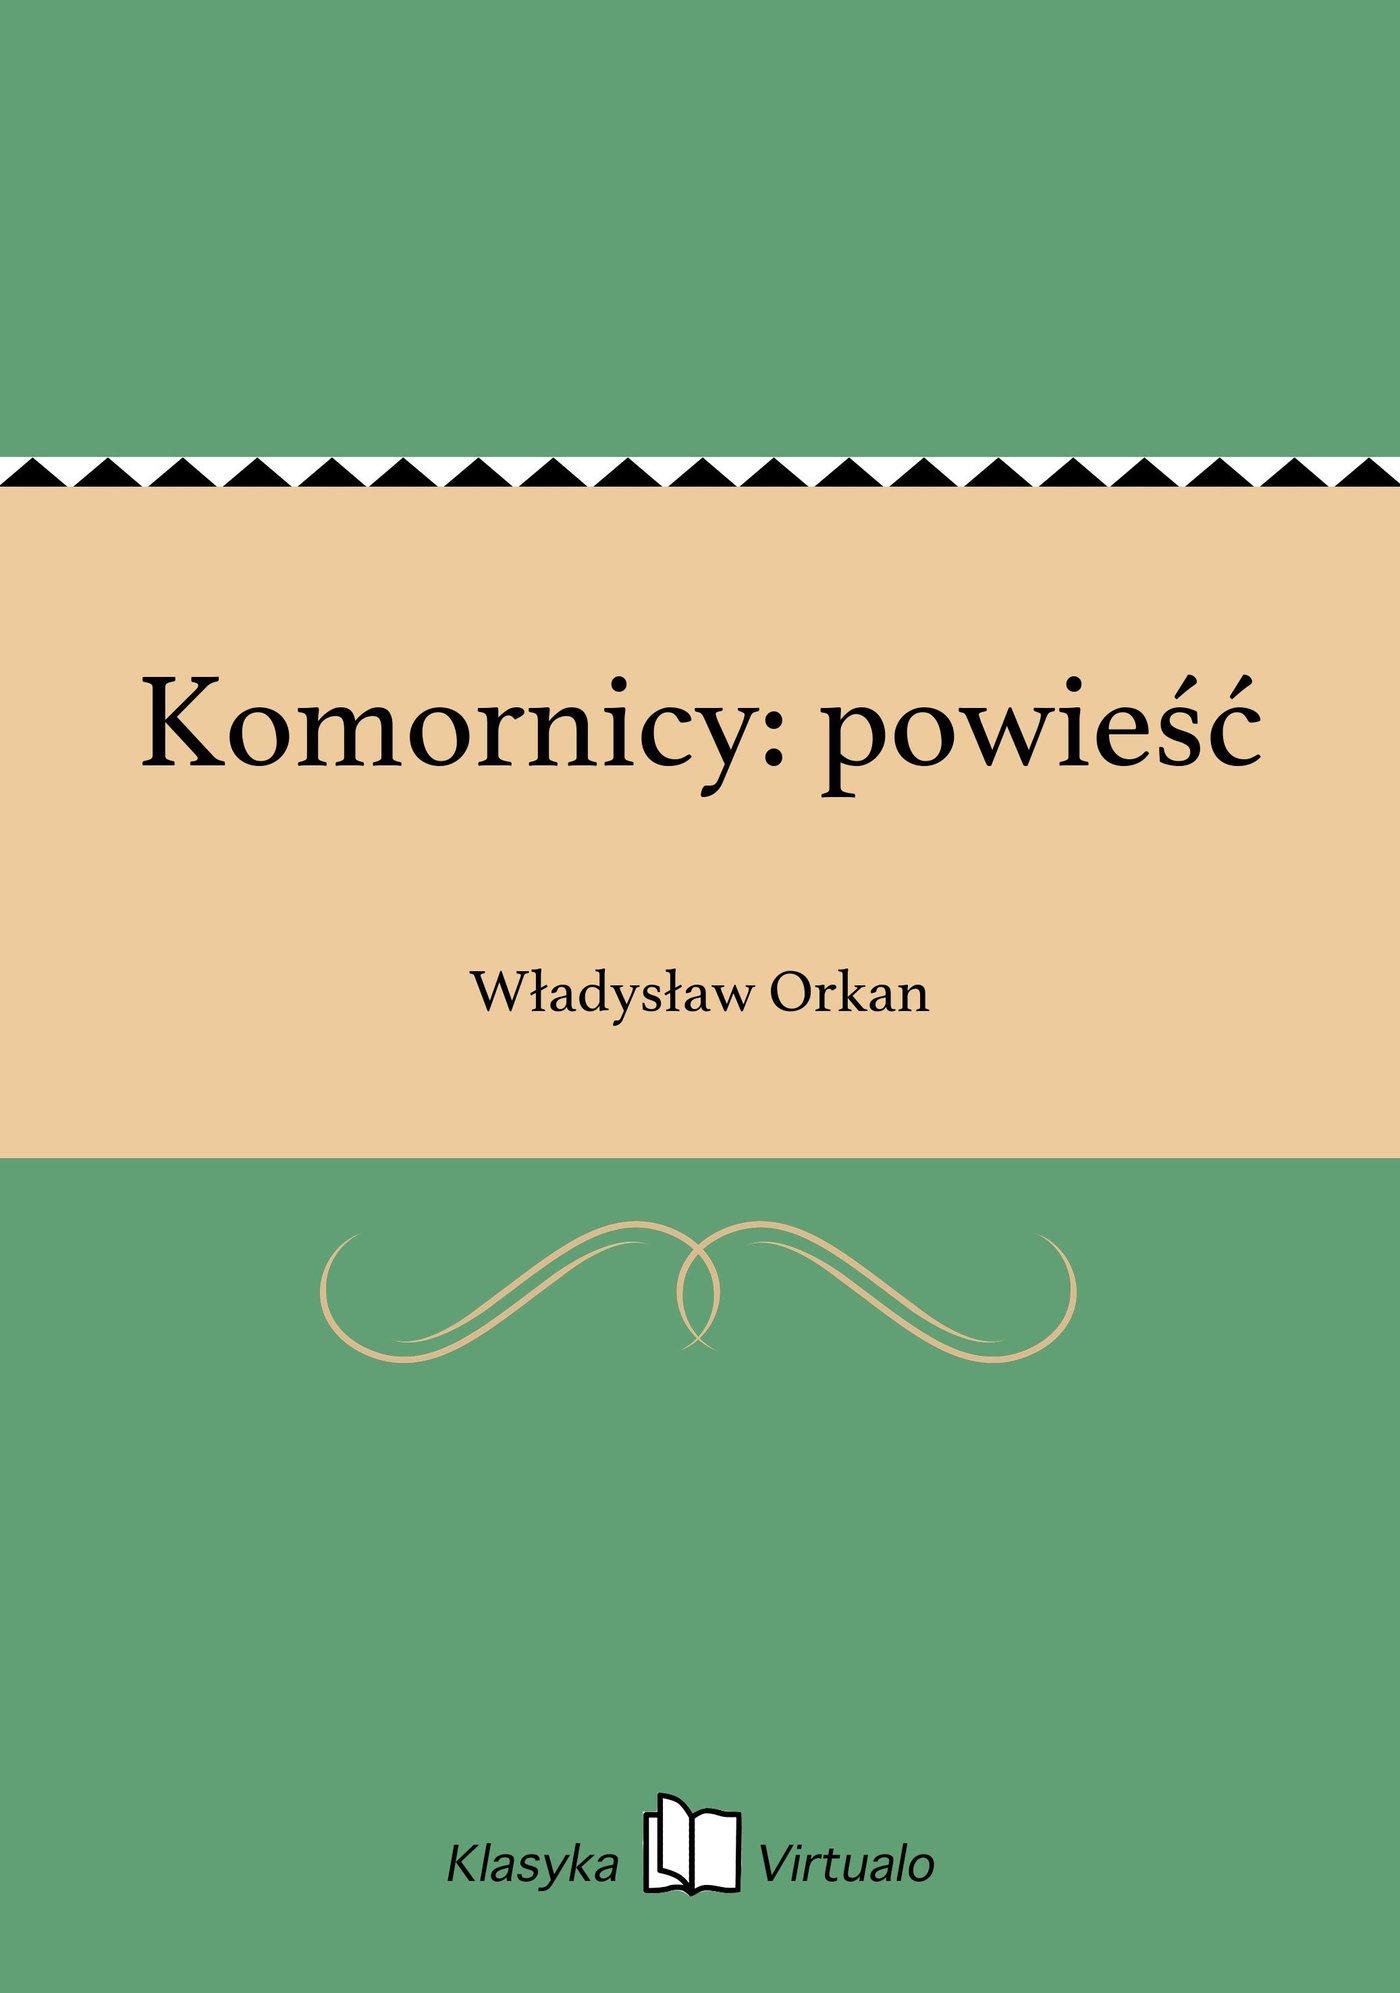 Komornicy: powieść - Ebook (Książka na Kindle) do pobrania w formacie MOBI